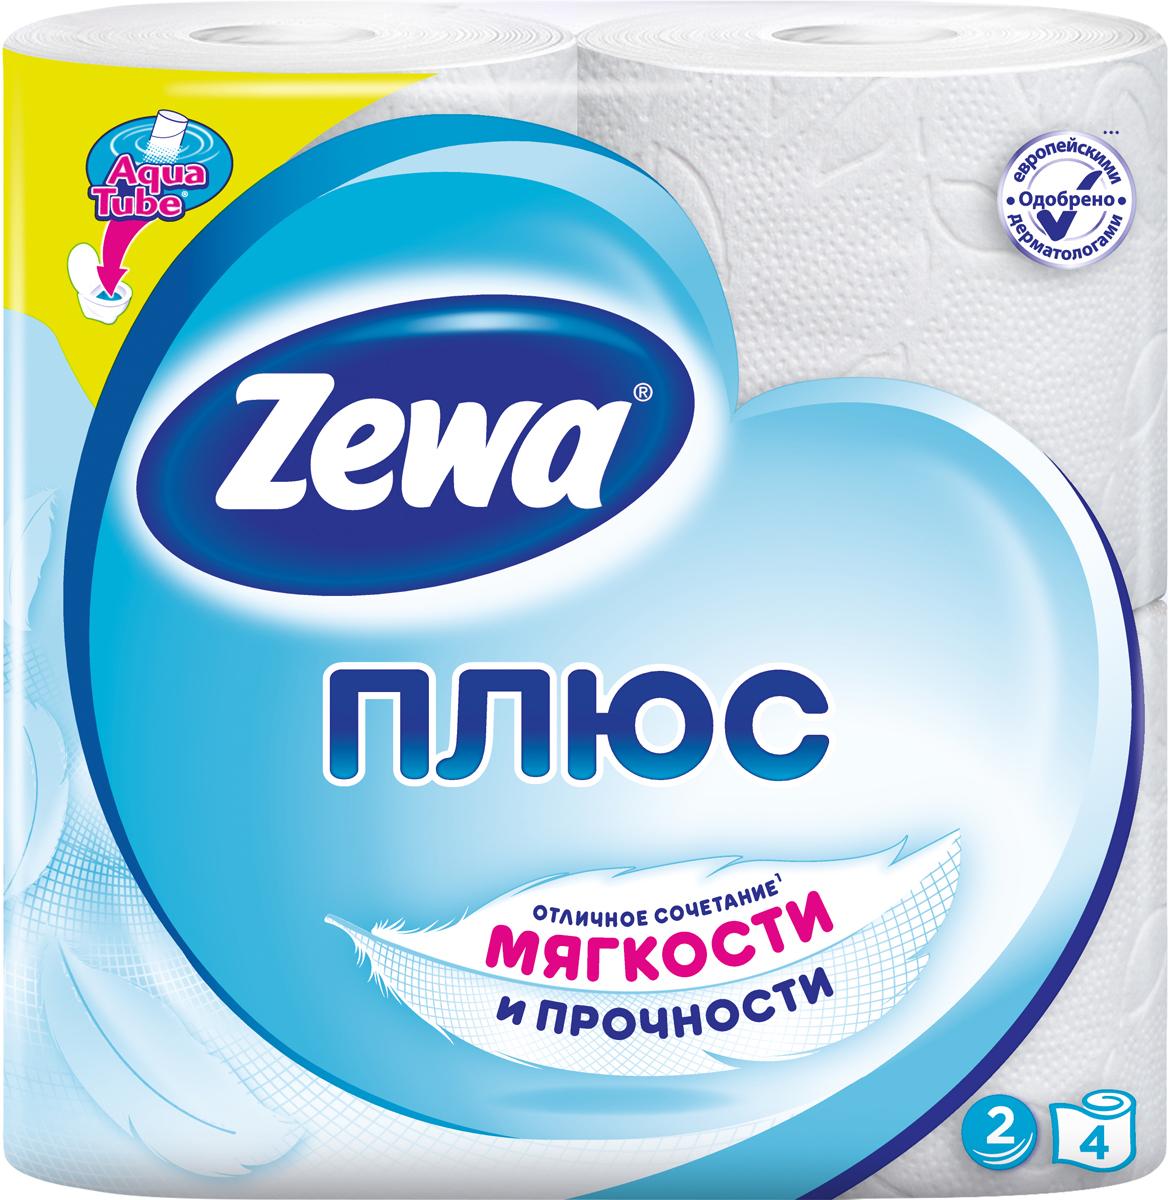 Бумага туалетная Zewa Плюс, 2 слоя, 4 рулона туалетная бумага с анекдотами